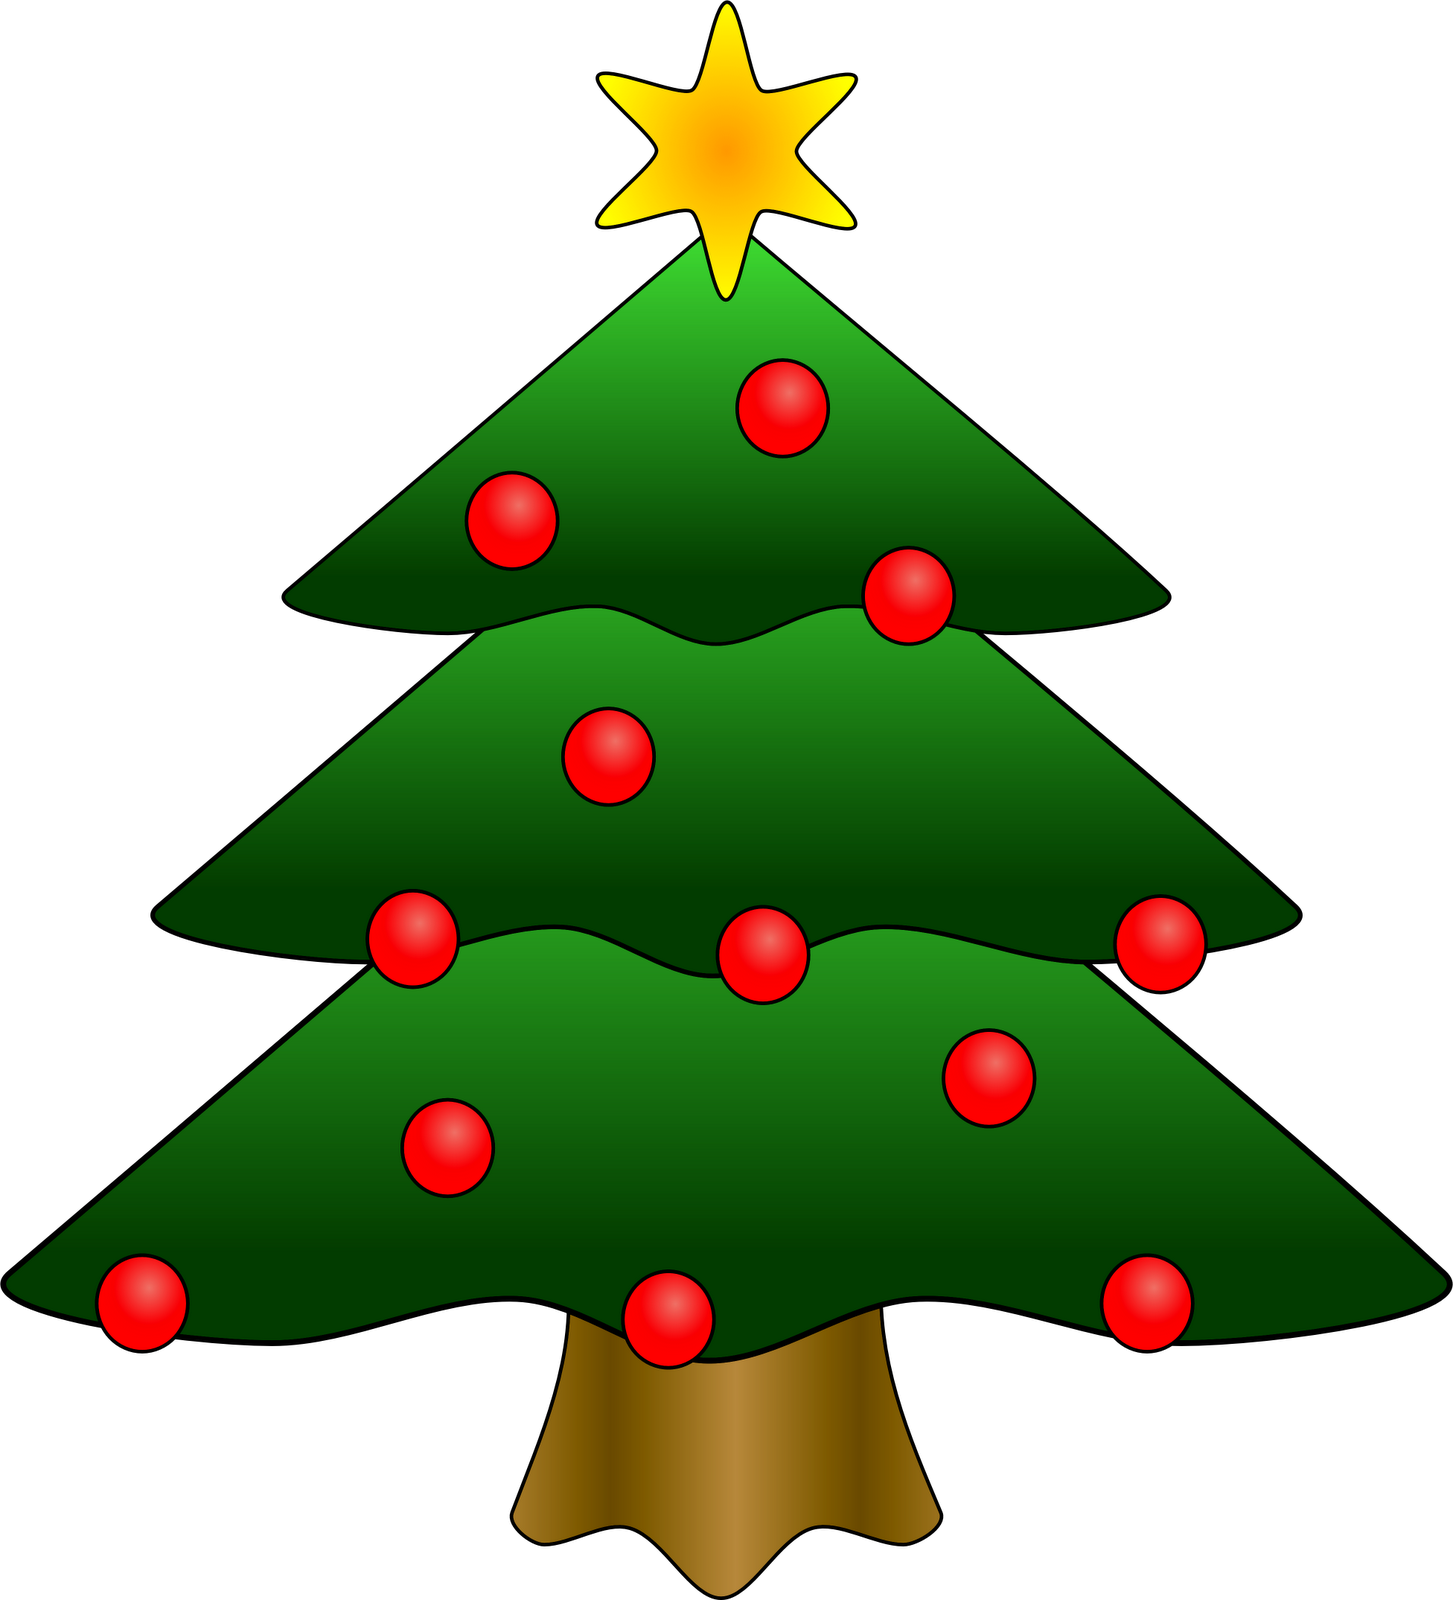 HD Árvore De Natal Png.